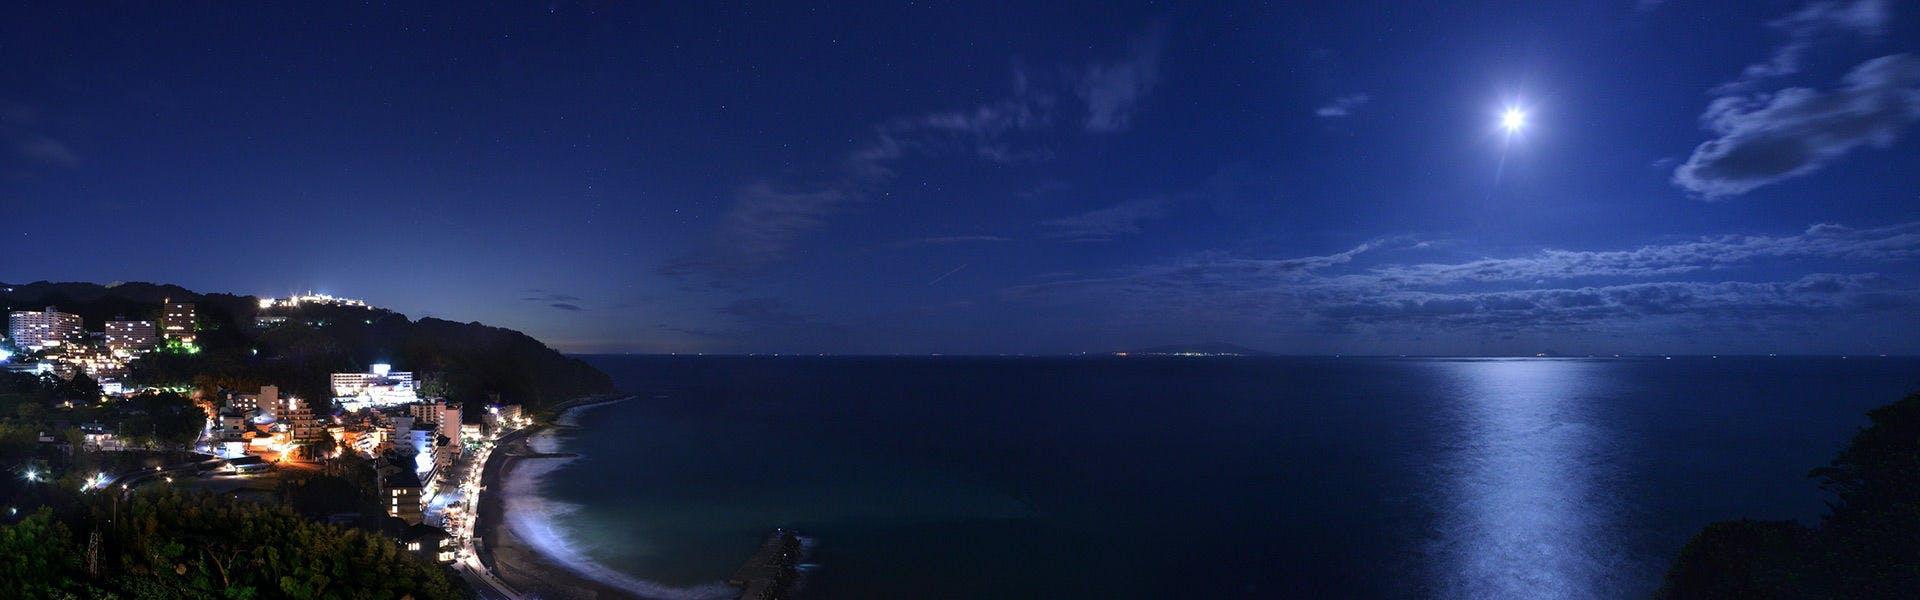 記念日におすすめのホテル・伊豆・熱川温泉 粋光の写真3